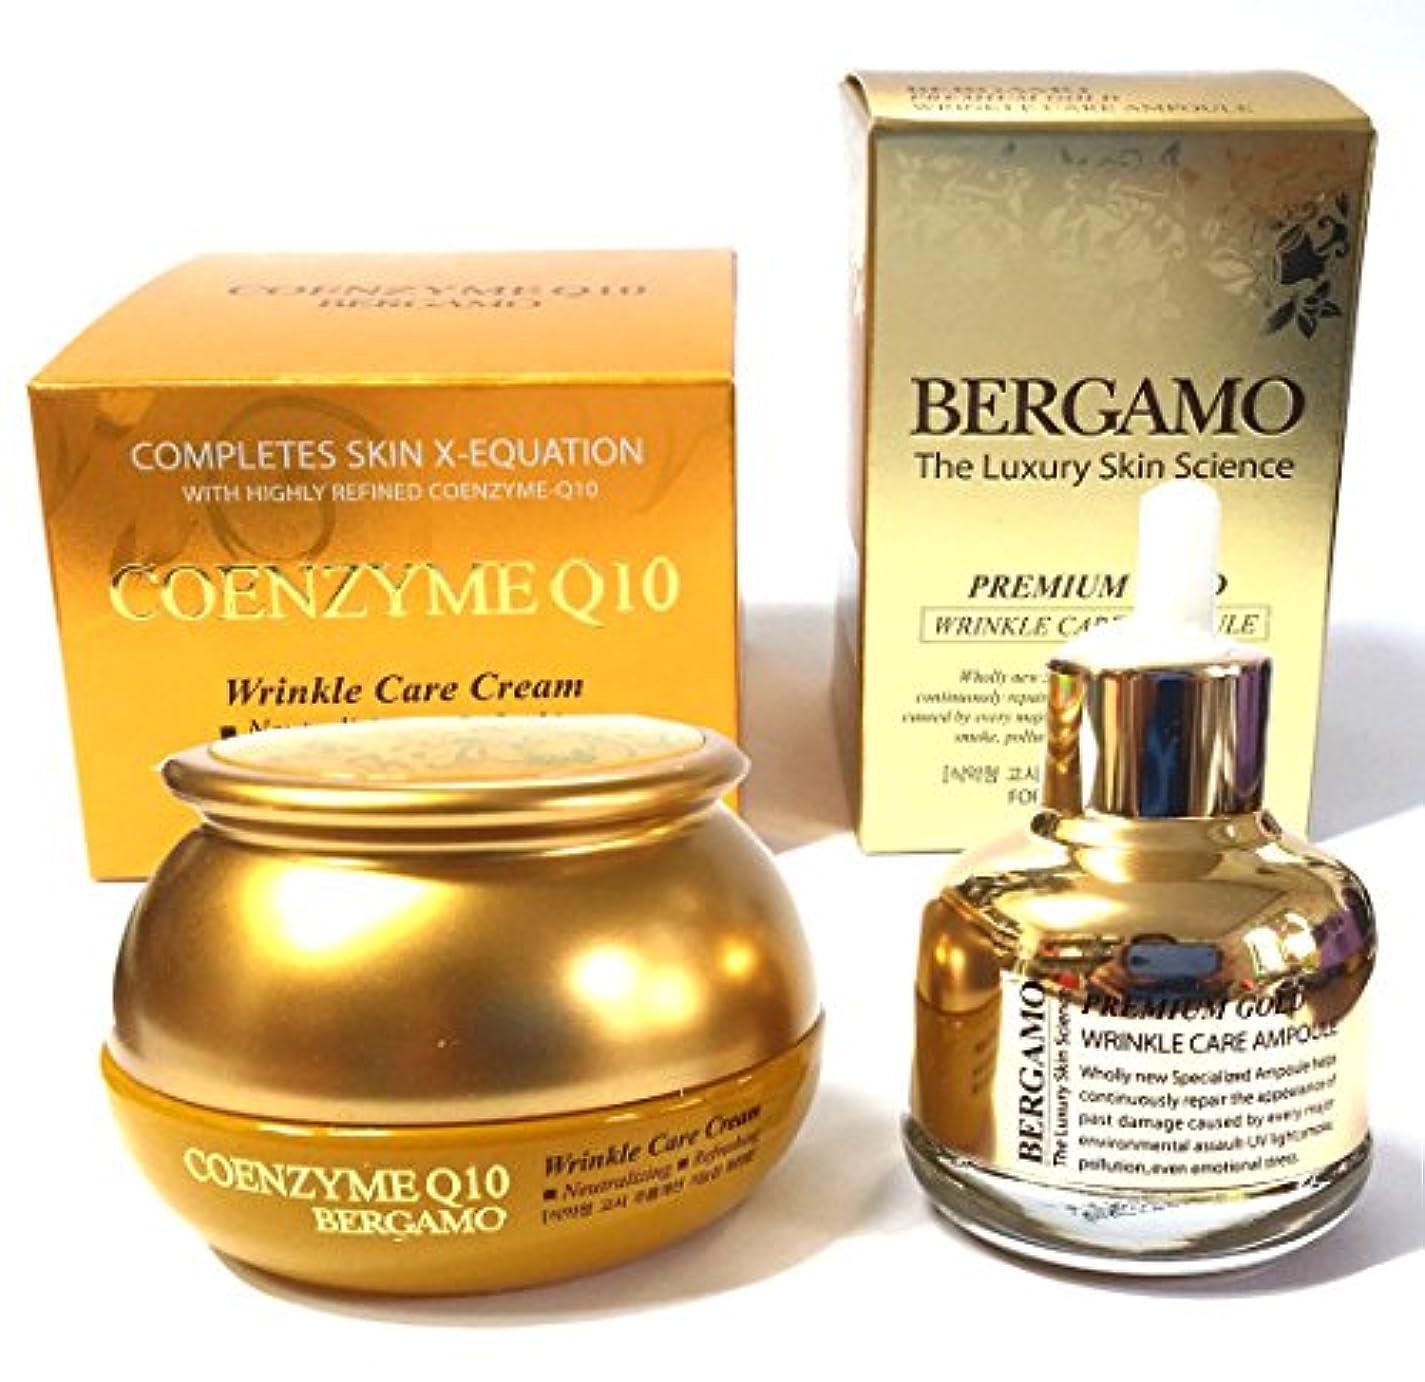 追放する五月個人的に[Bergamo] モーゼルコエンザイムQ10クリーム50g&ラグジュアリースキンサイエンスプレミアムゴールドアンプル30ml /弾力性、水分/韓国化粧品 / Moselle Coenzyme Q10 Cream 50g...